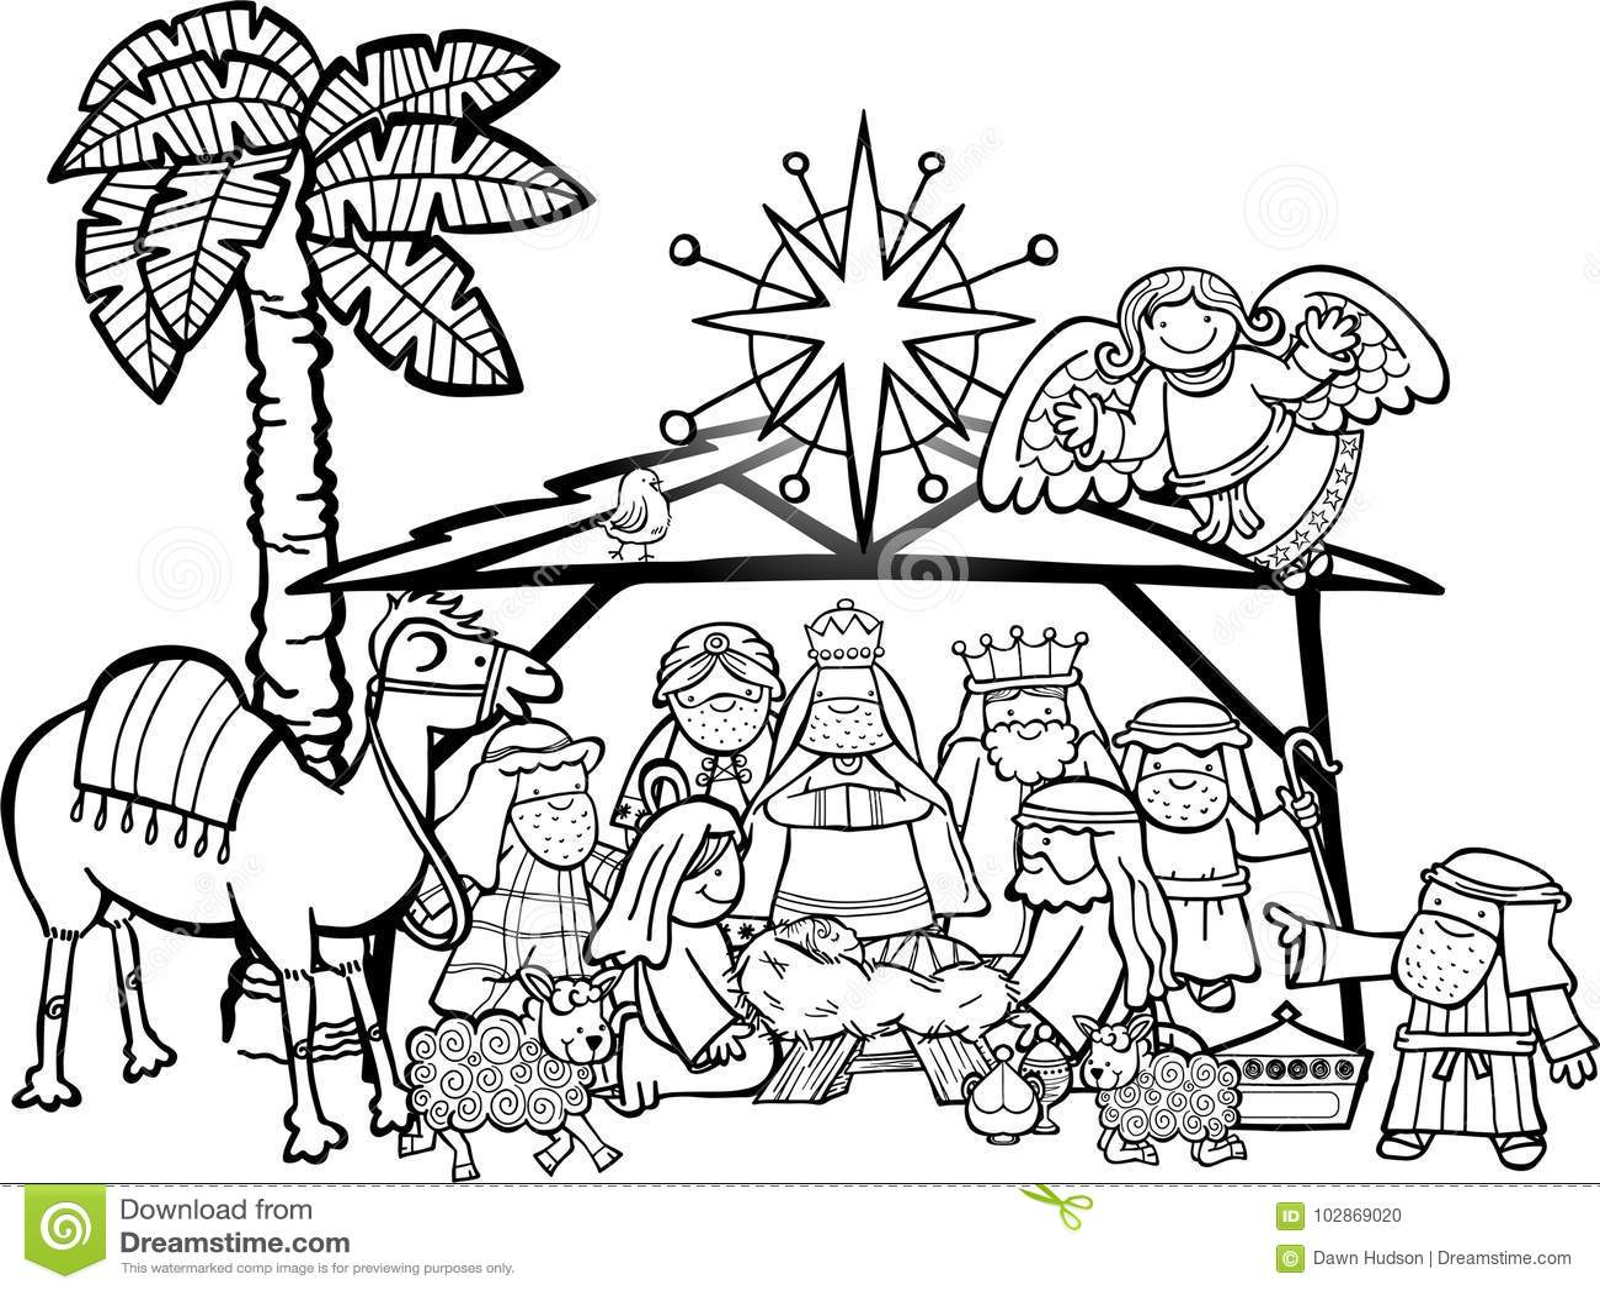 Christmas Nativity Scene Stock Illustration Illustration Of Kings